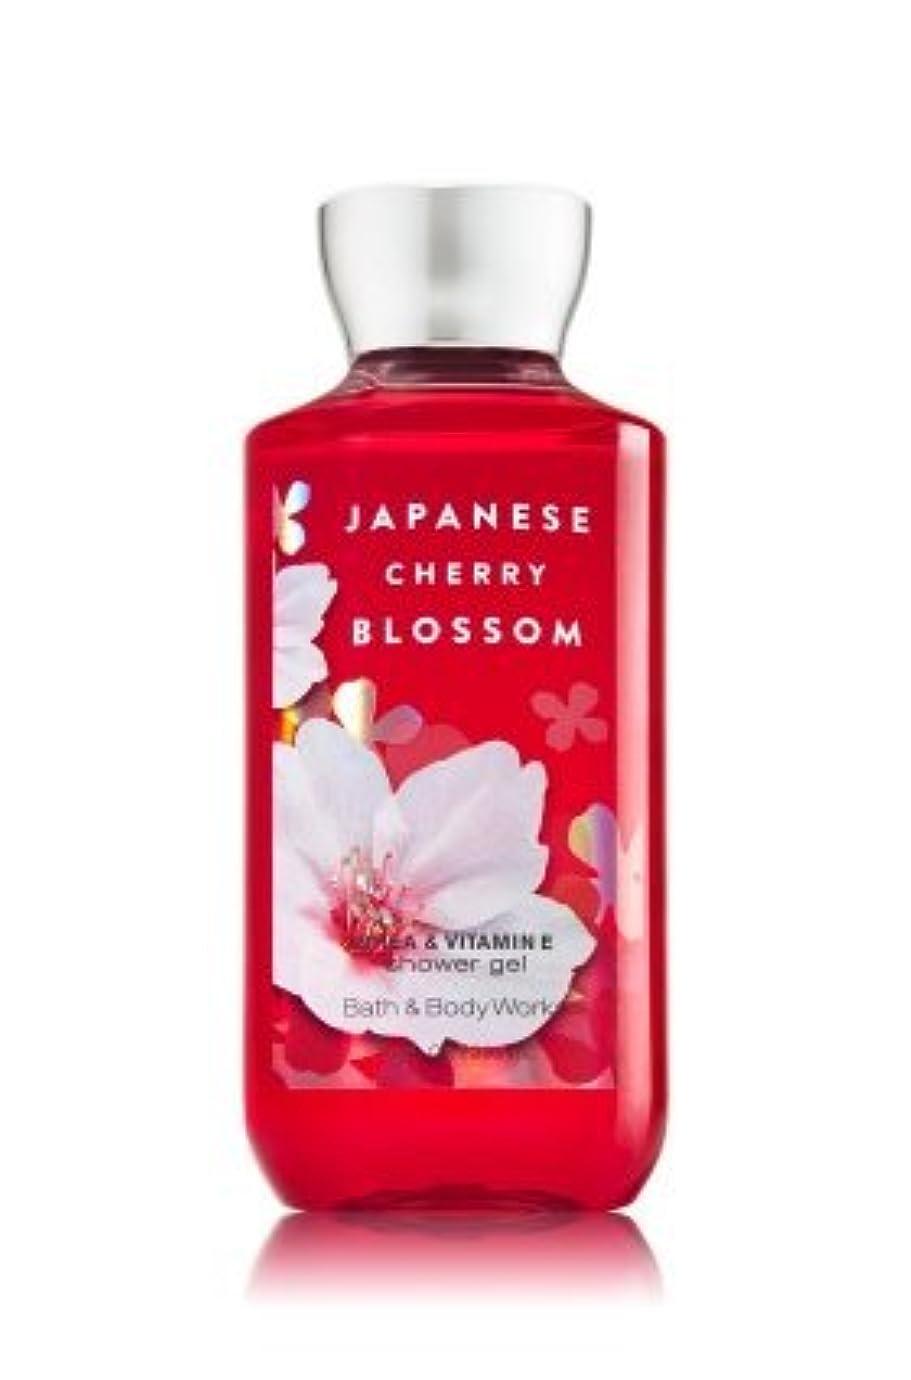 取り替える比類なき自宅で【Bath&Body Works/バス&ボディワークス】 シャワージェル ジャパニーズチェリーブロッサム Shower Gel Japanese Cherry Blossom 10 fl oz / 295 mL [並行輸入品]